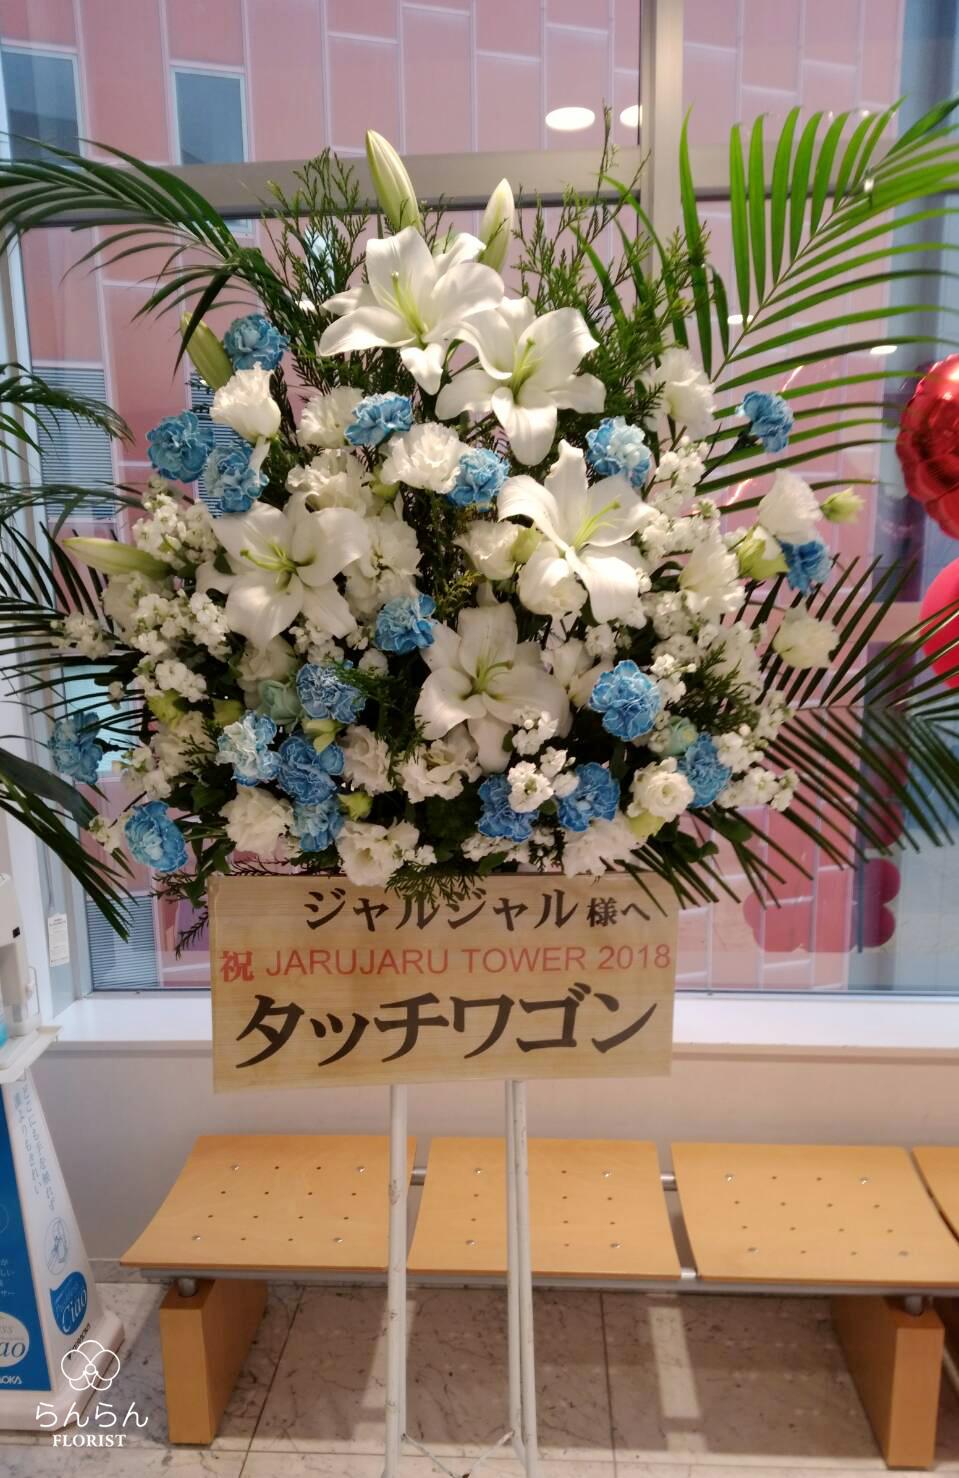 ジャルジャル お祝いスタンド花